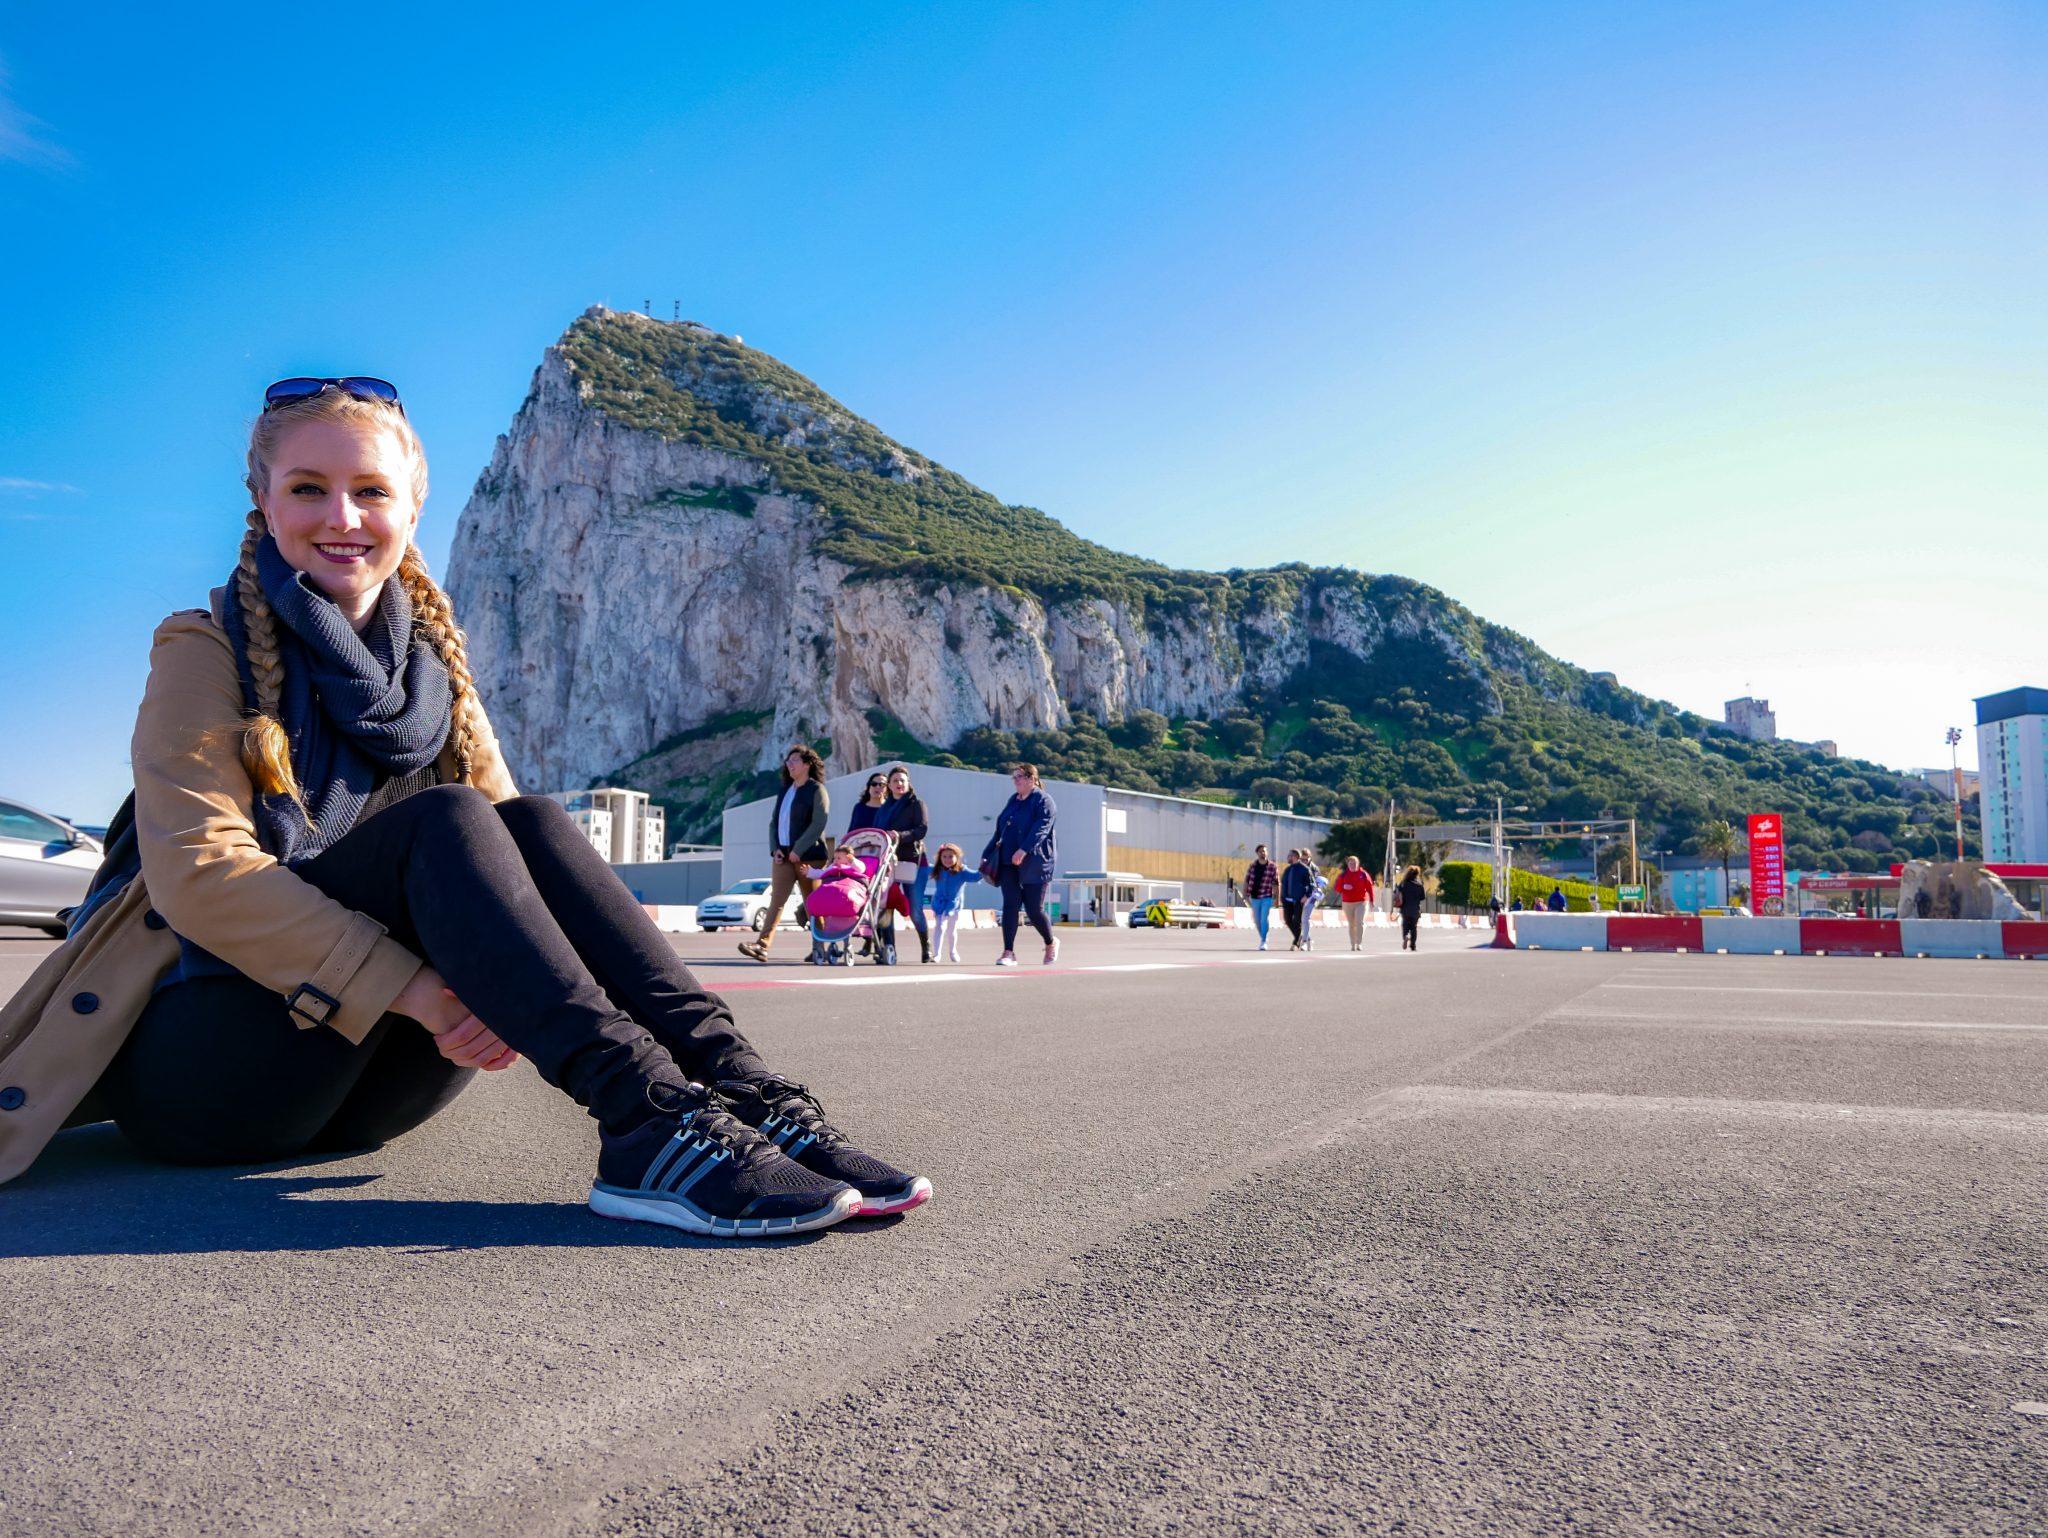 Die Start- und Landebahn des internationalen Airports von Gibraltar kreuzt die 4-spurige Hauptstraße - weltweit einmalig! Habt ihr schon einmal auf einer Start- oder Landebahn gesessen?